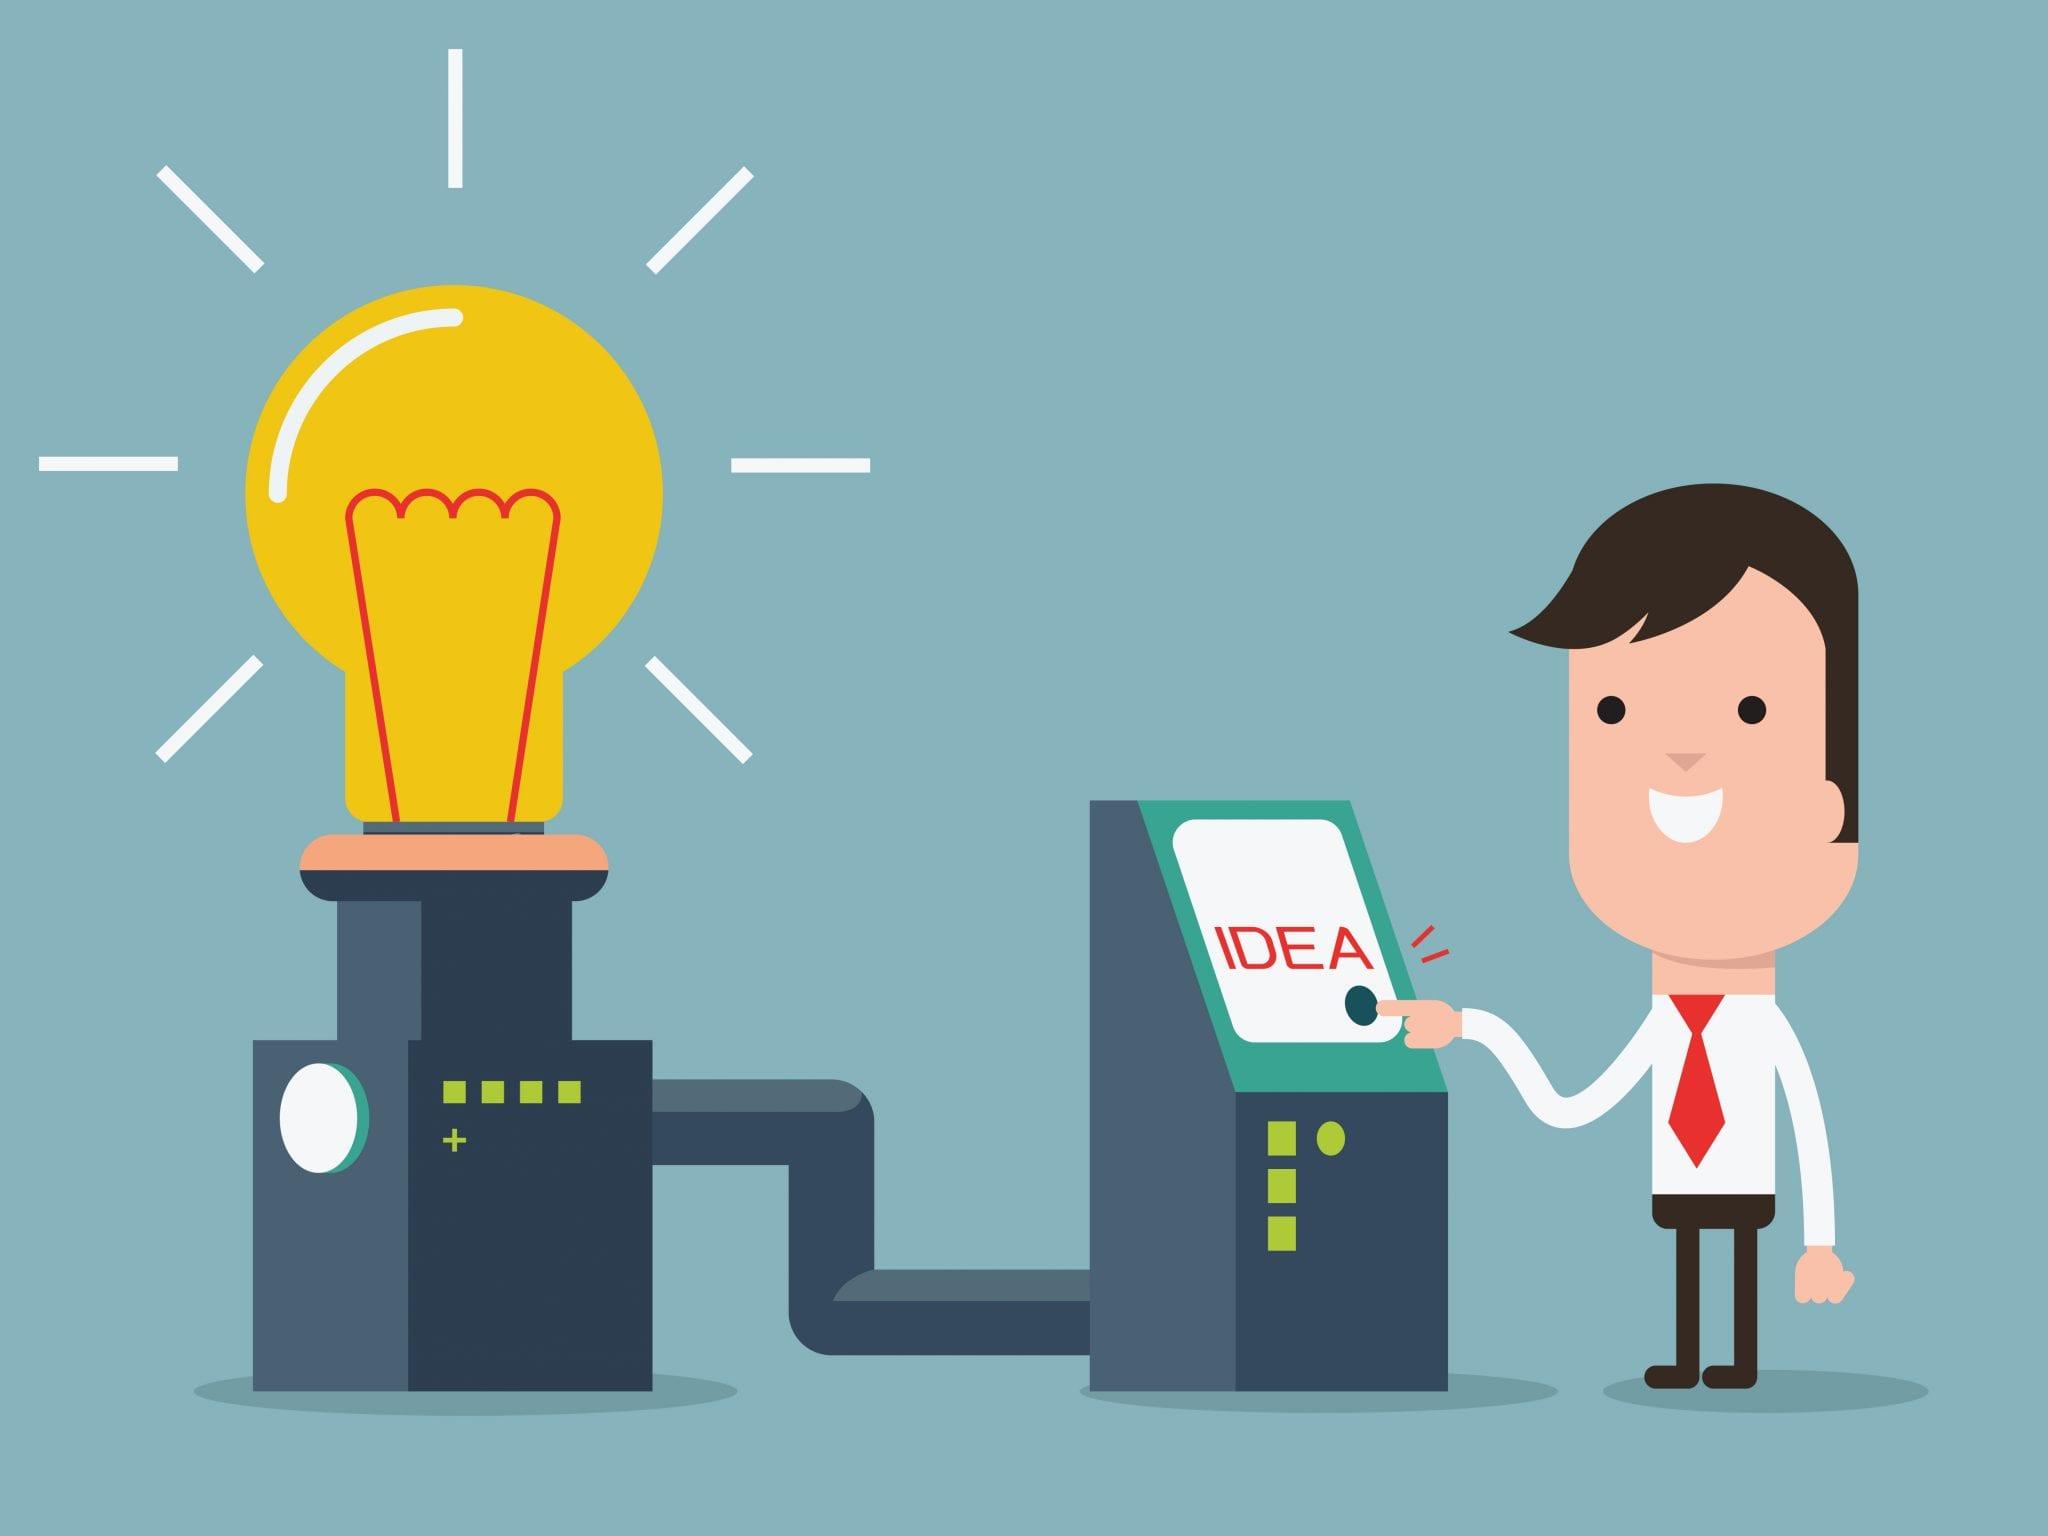 Wie man bürokratischen Verwaltungen eine Start-up-Mentalität einimpfen könnte